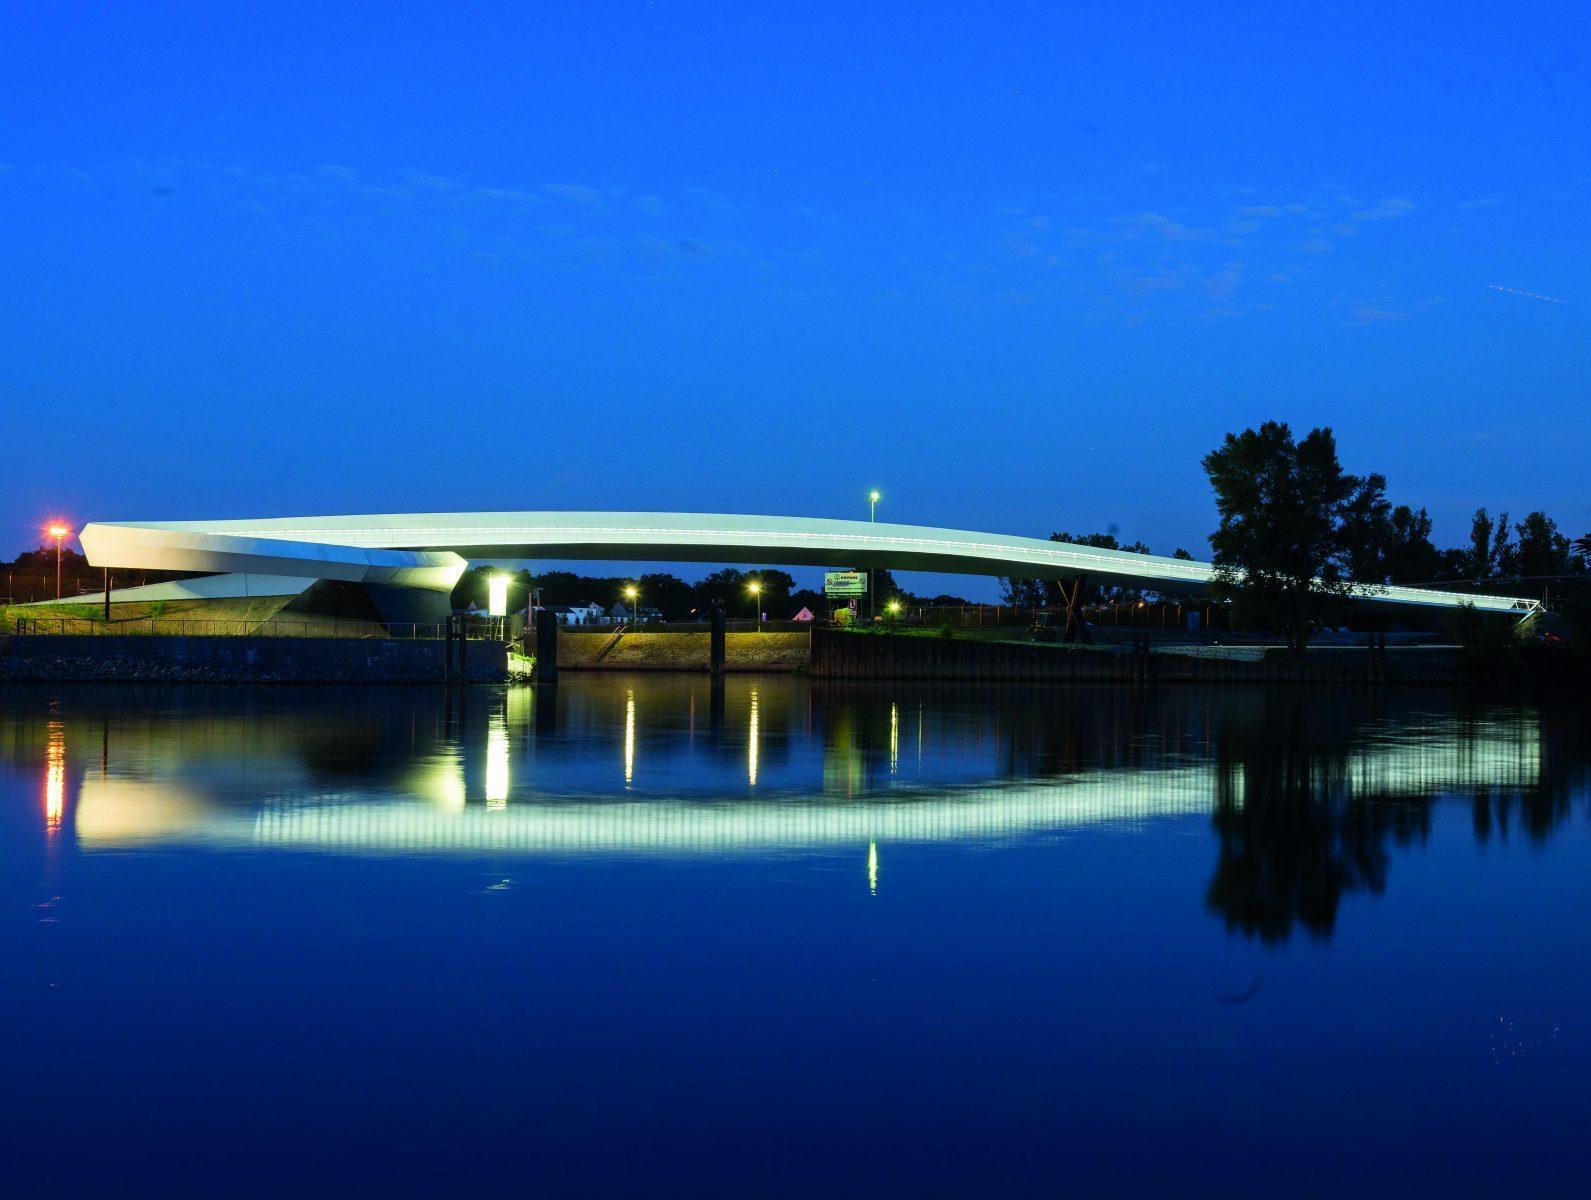 Ölhafen Bridge | Schneider+Schumacher (Raunheim, Germany)